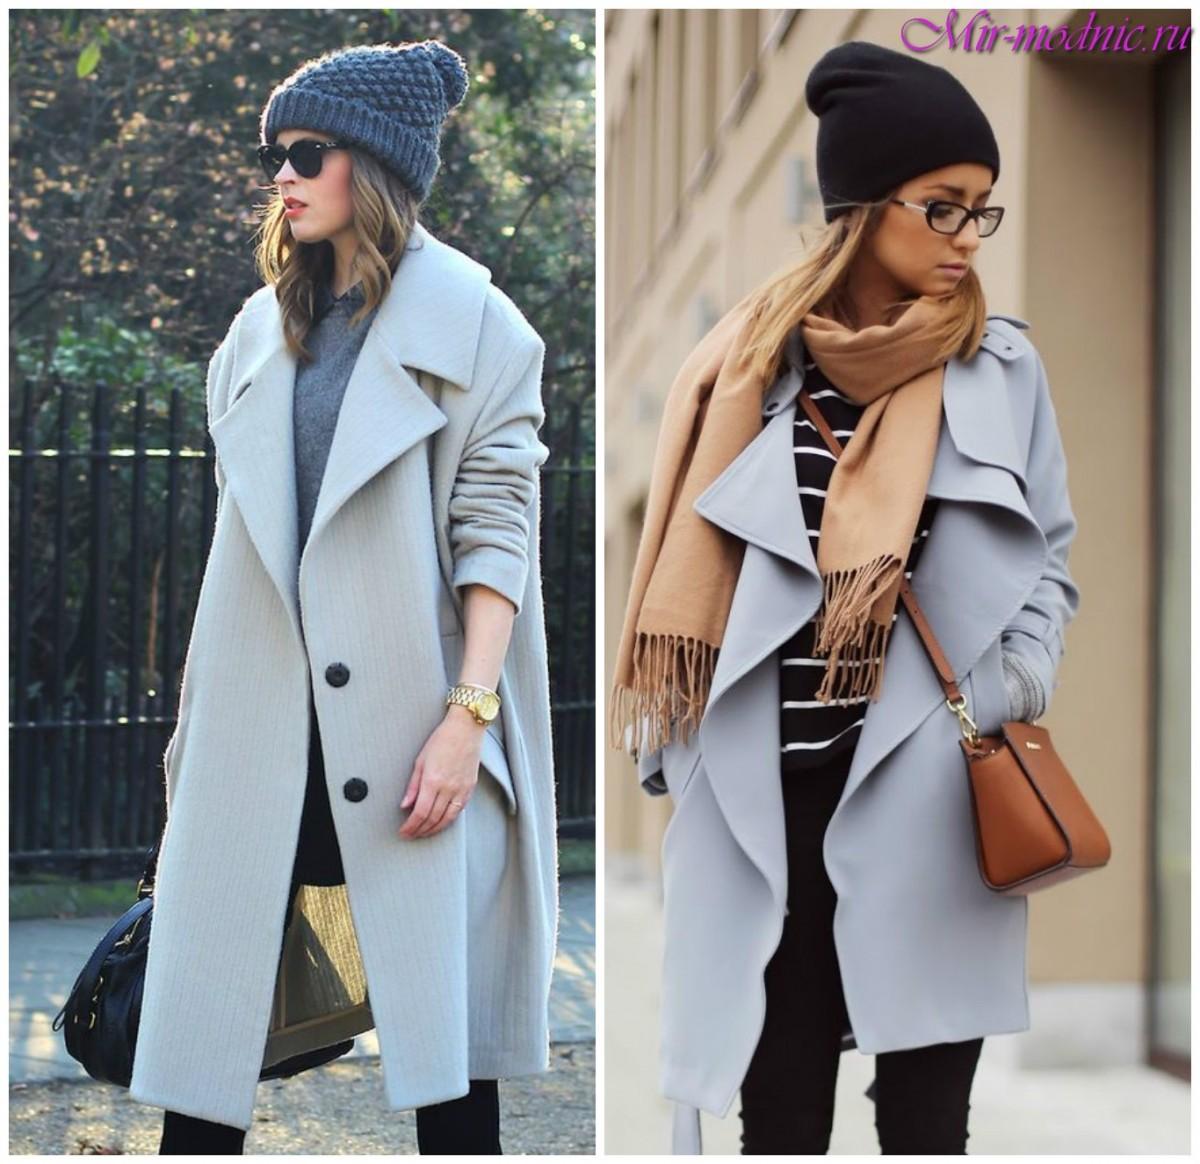 Модные пальто осень зима 2017 2018 фото